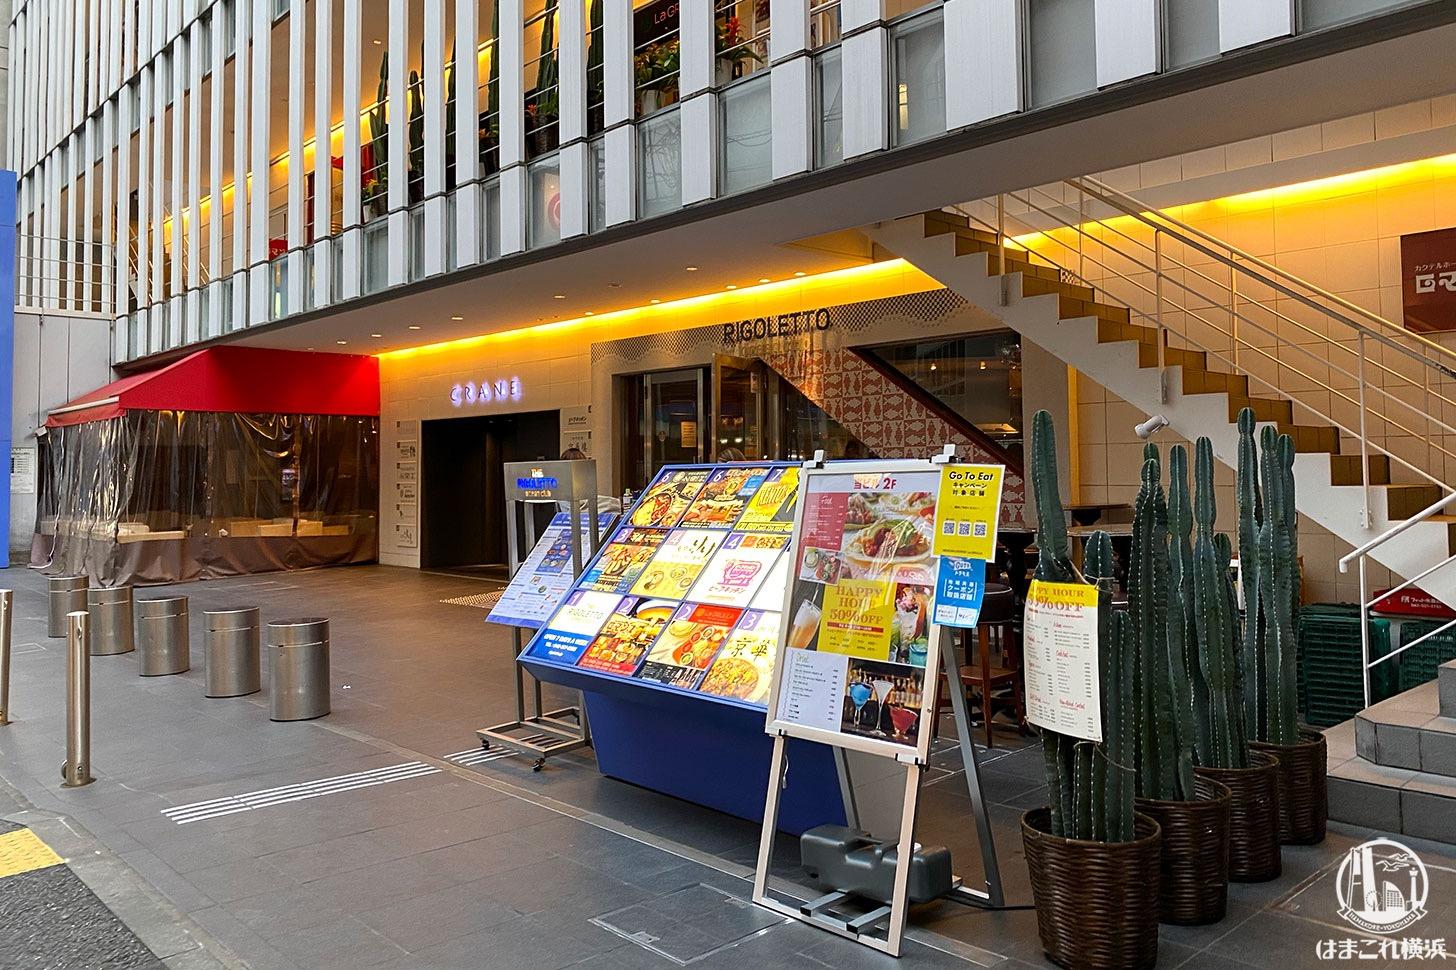 焼肉うしごろ横浜店が入るビル「CRANE YOKOHAMA」